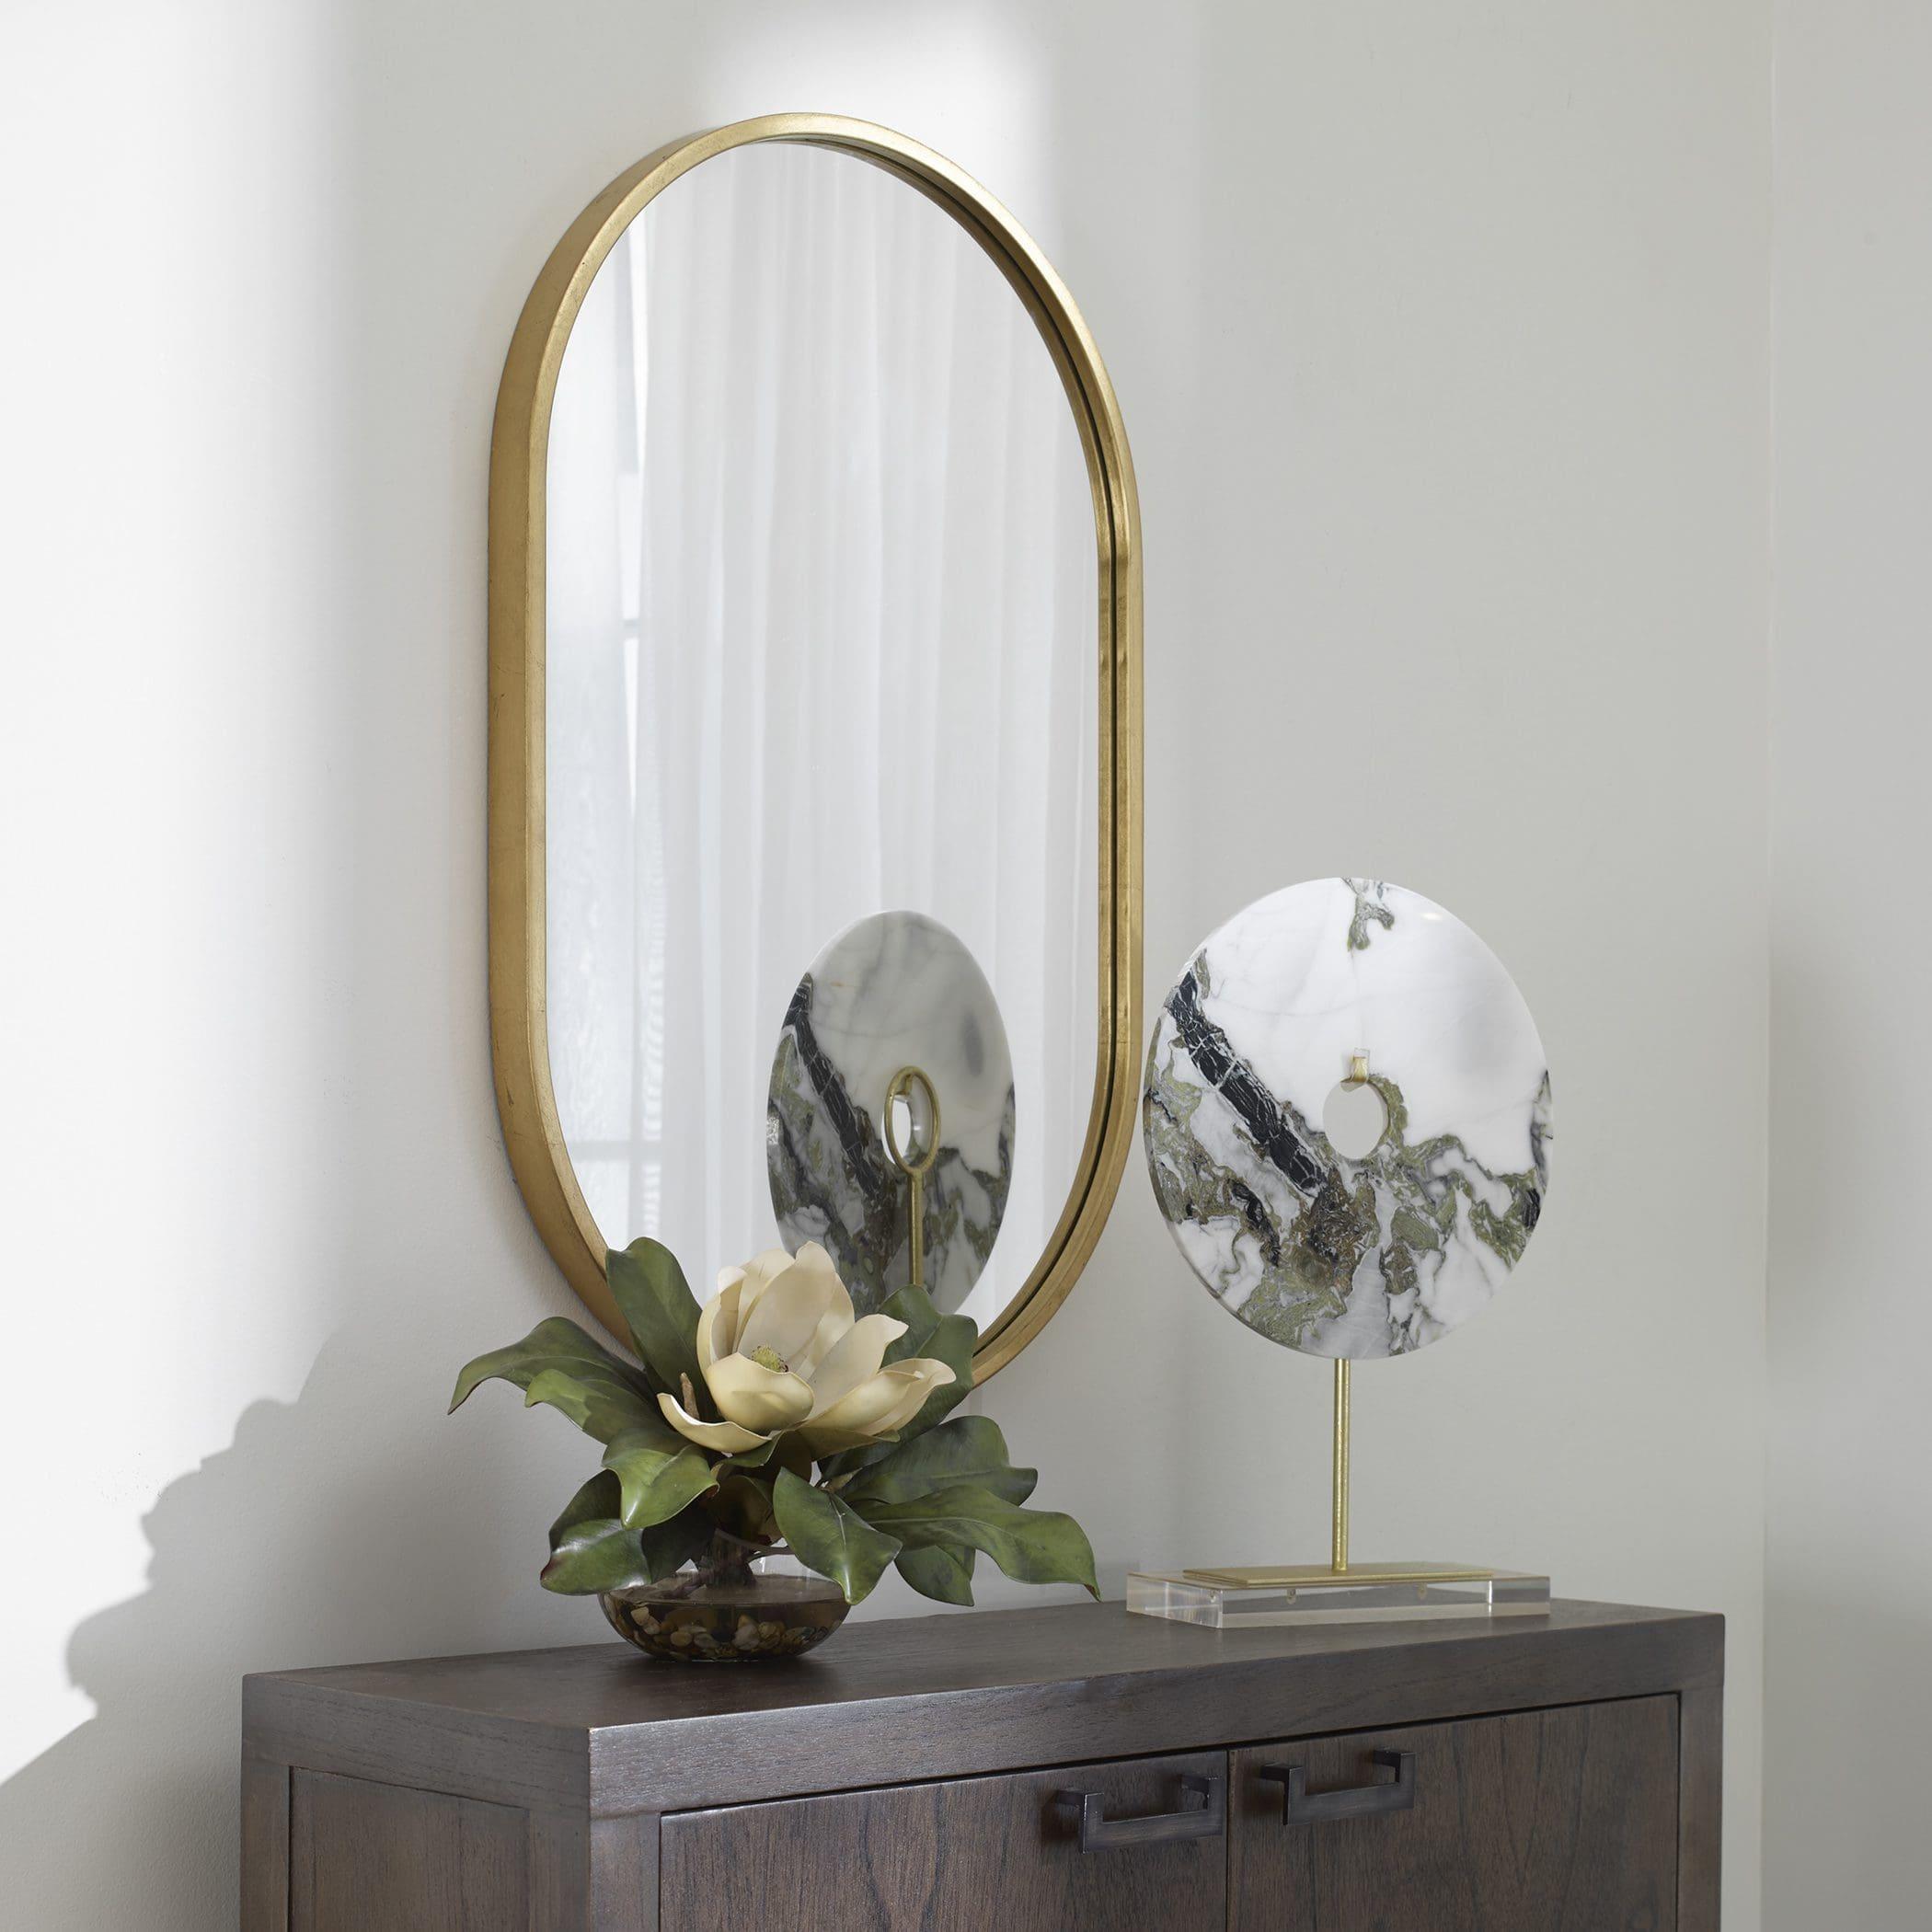 Uttermost Varina Minimalist Gold Oval Mirror